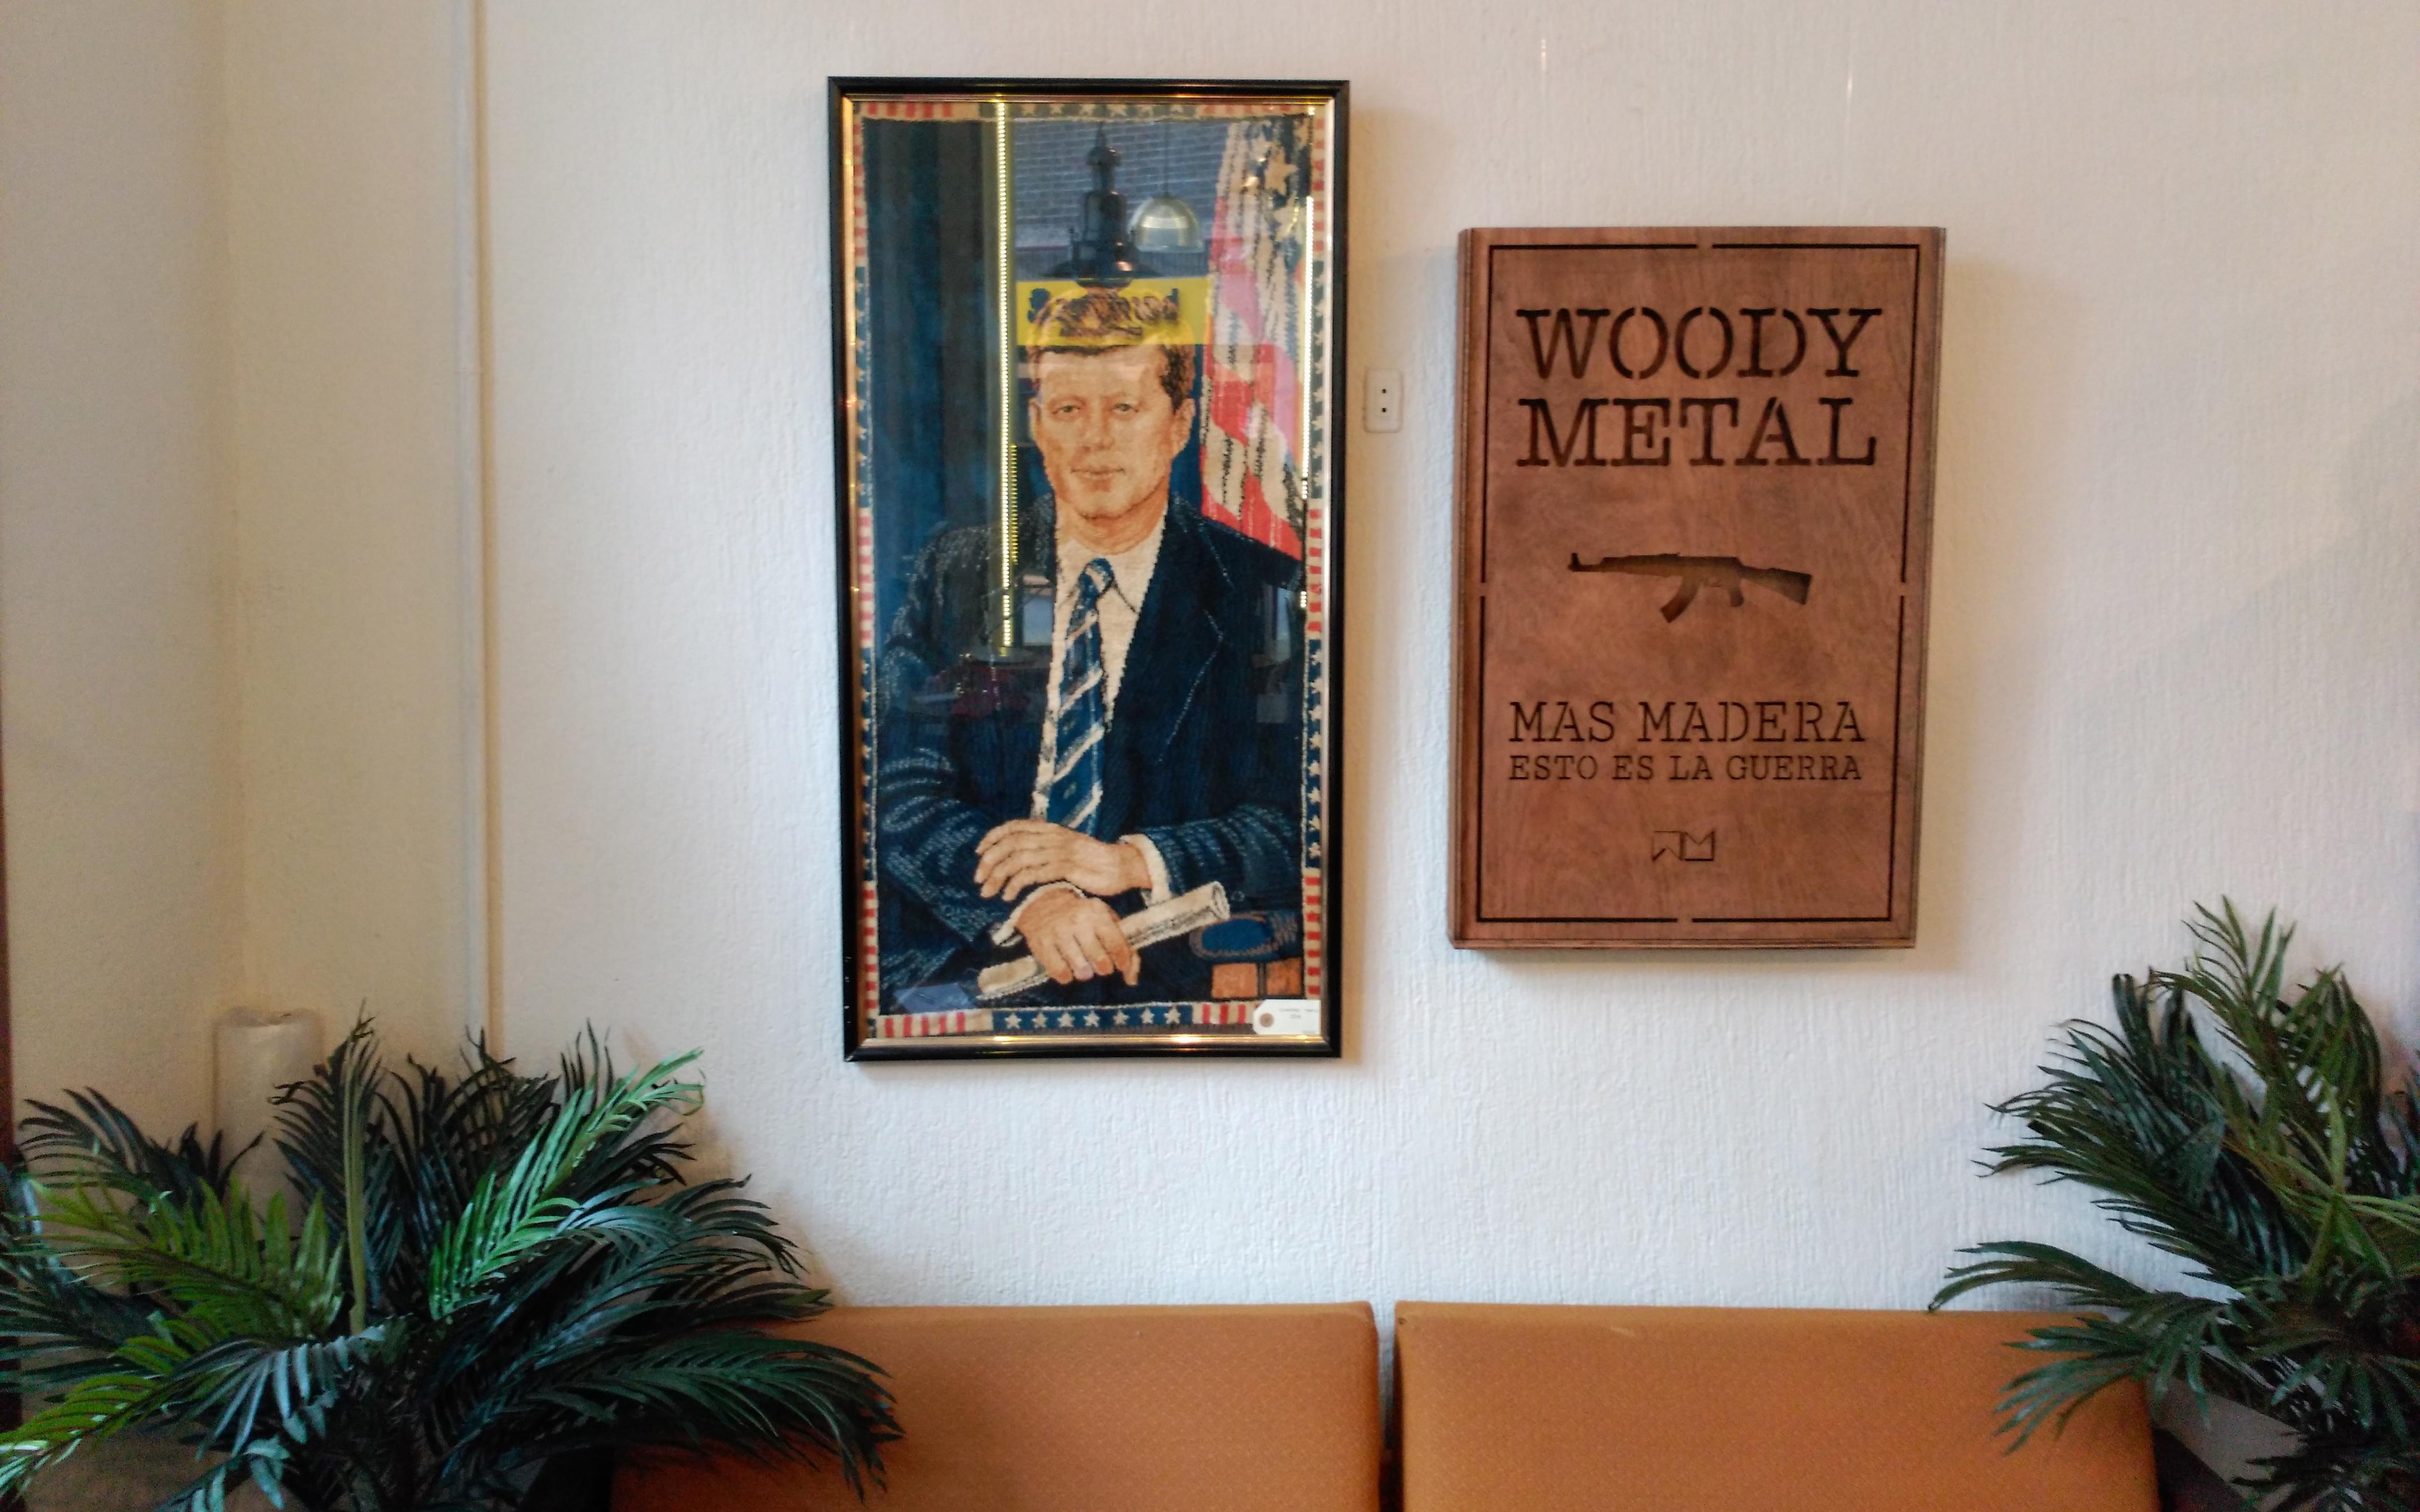 Woody Metal, sueño de una tarde de verano